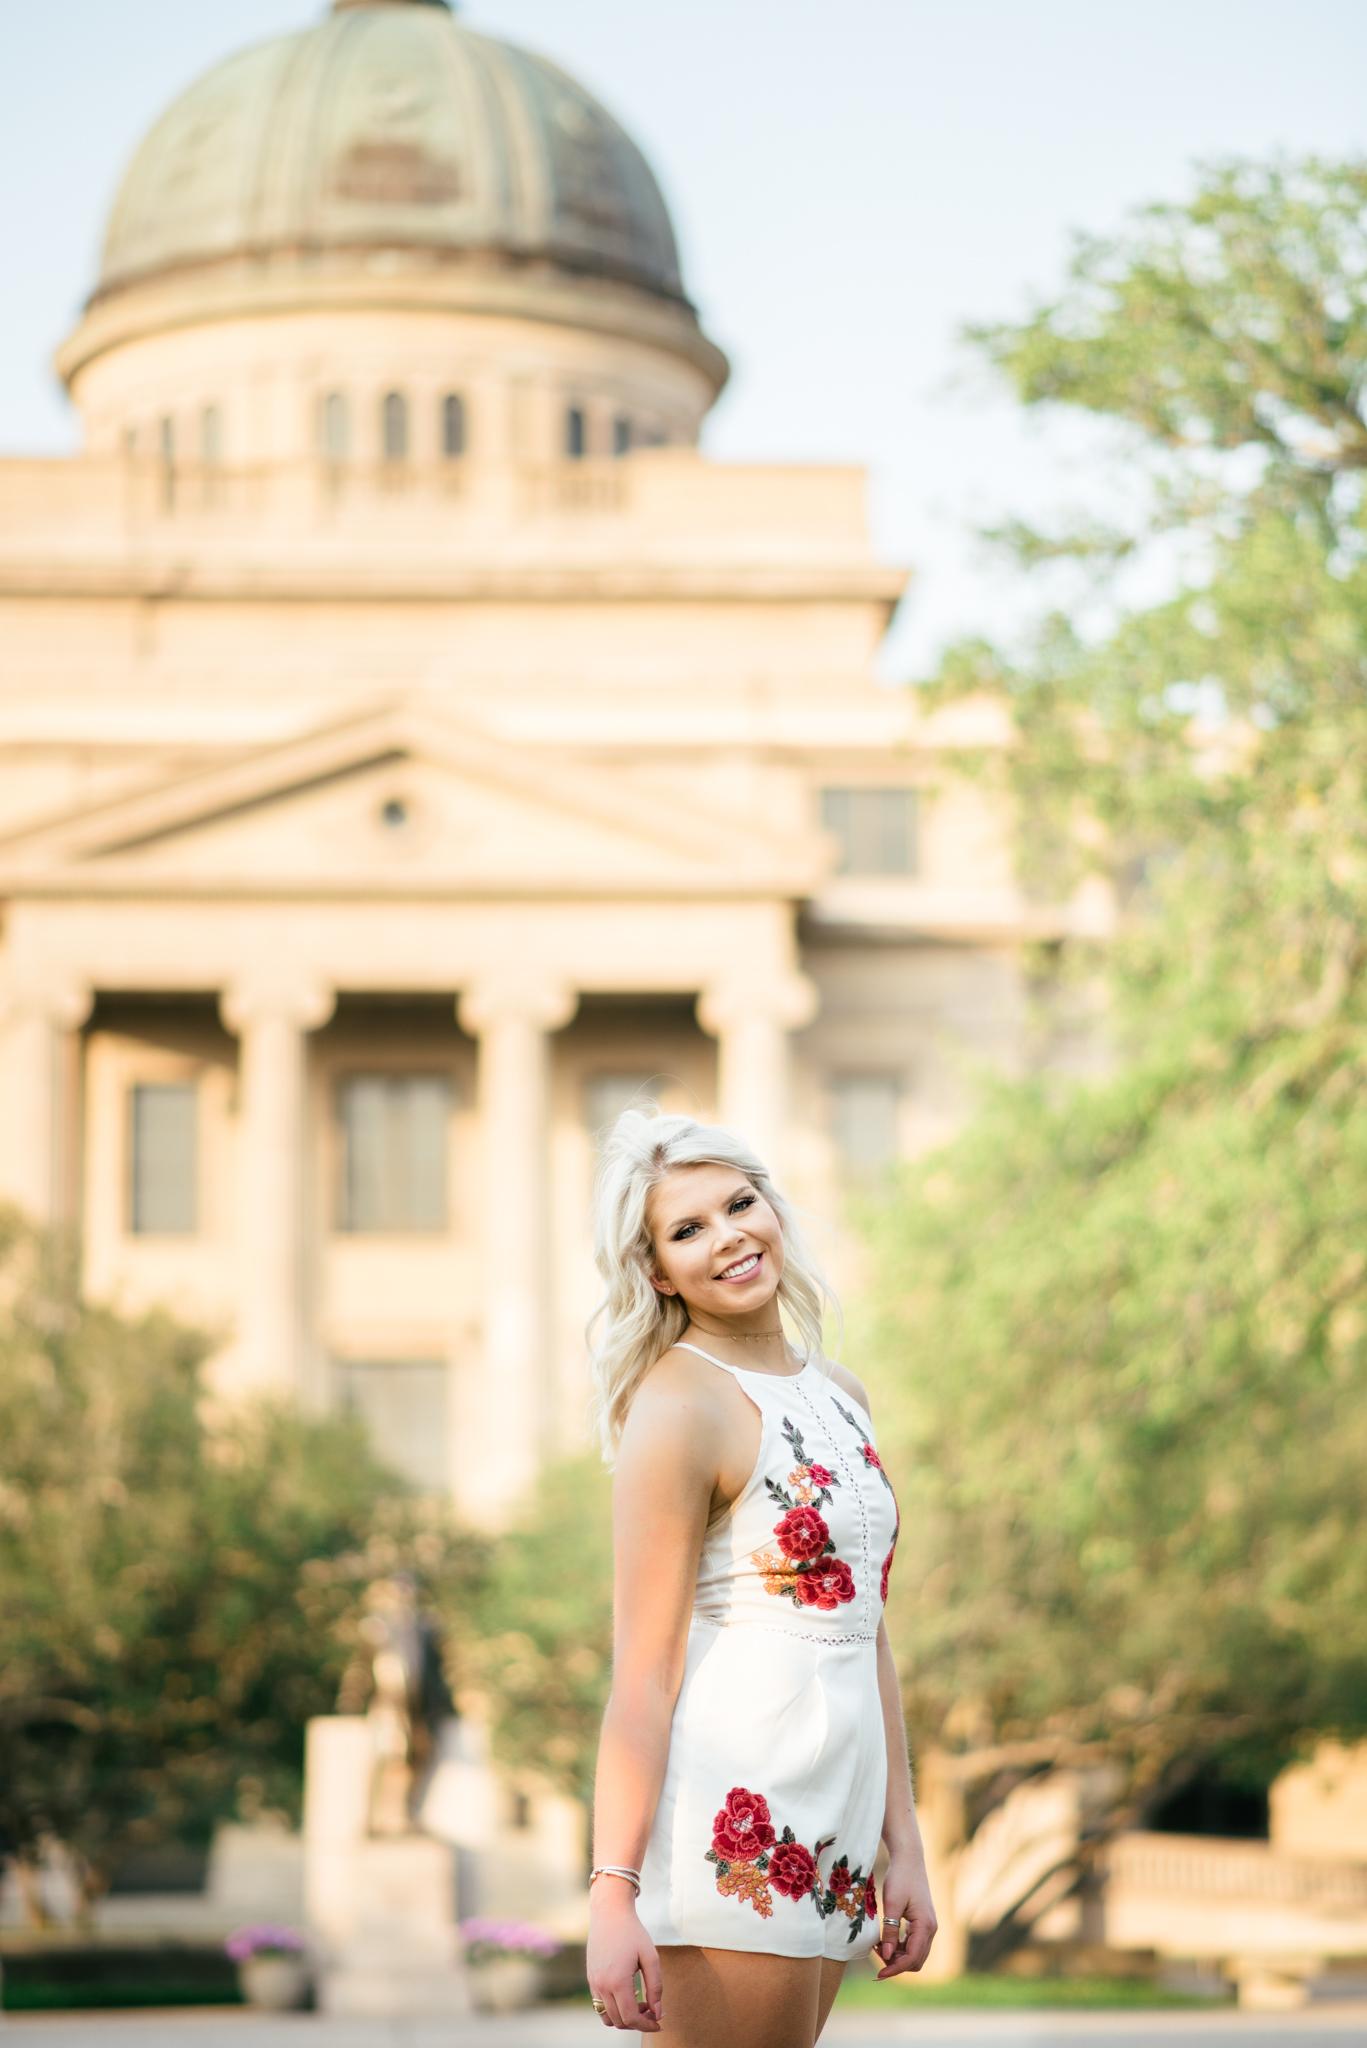 Texas A&M University senior